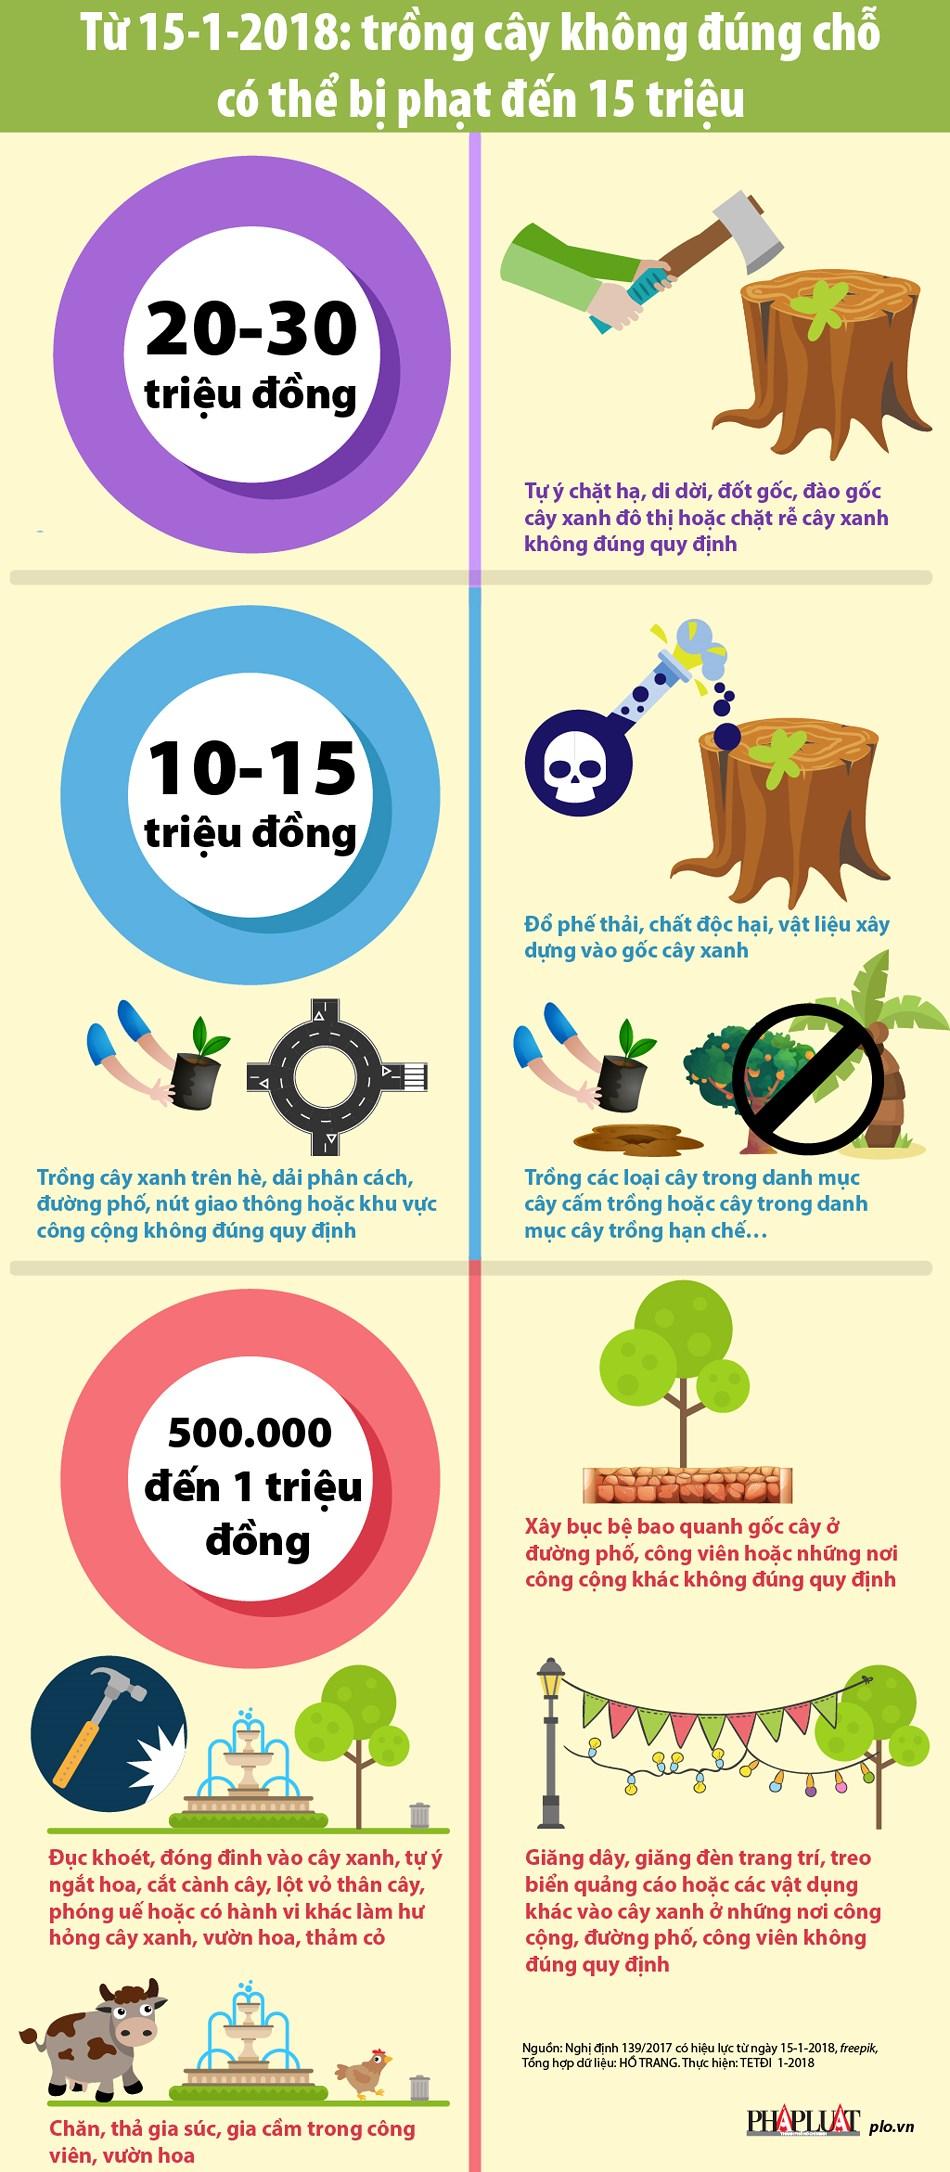 Từ 15/1: Trồng cây sai chỗ có thể bị phạt đến 15 triệu - ảnh 1